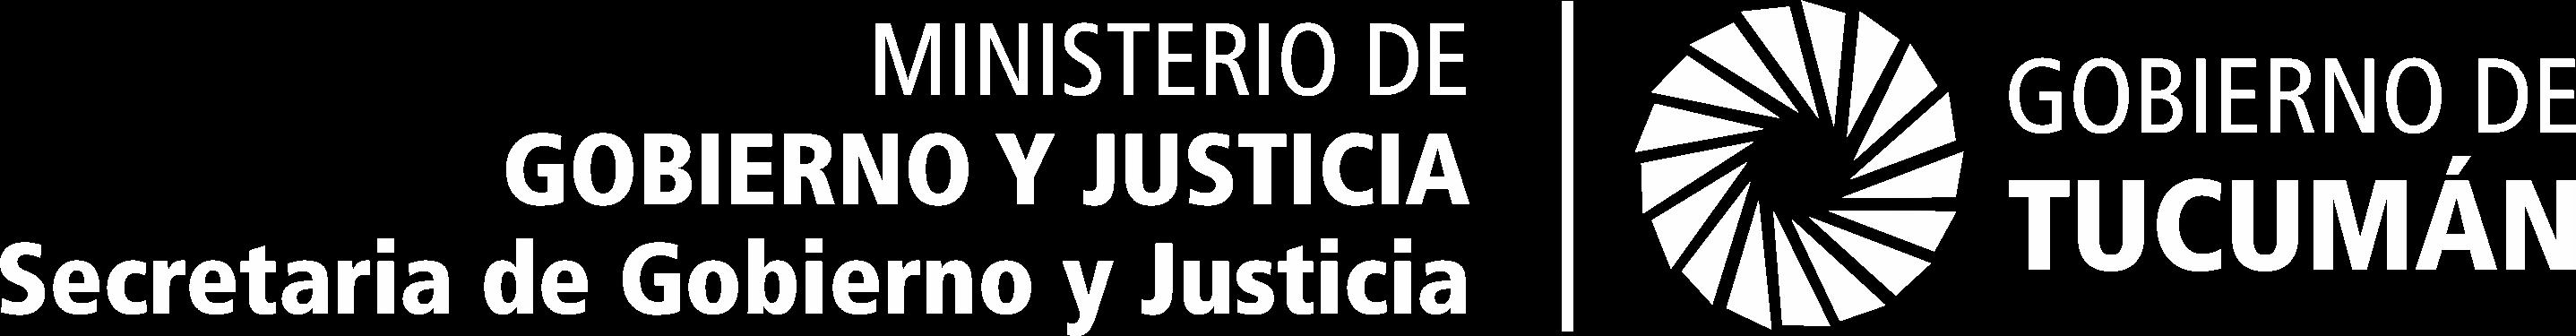 Ministerio de Justicia y Gobierno - Secretaría de Gobierno y Justicia